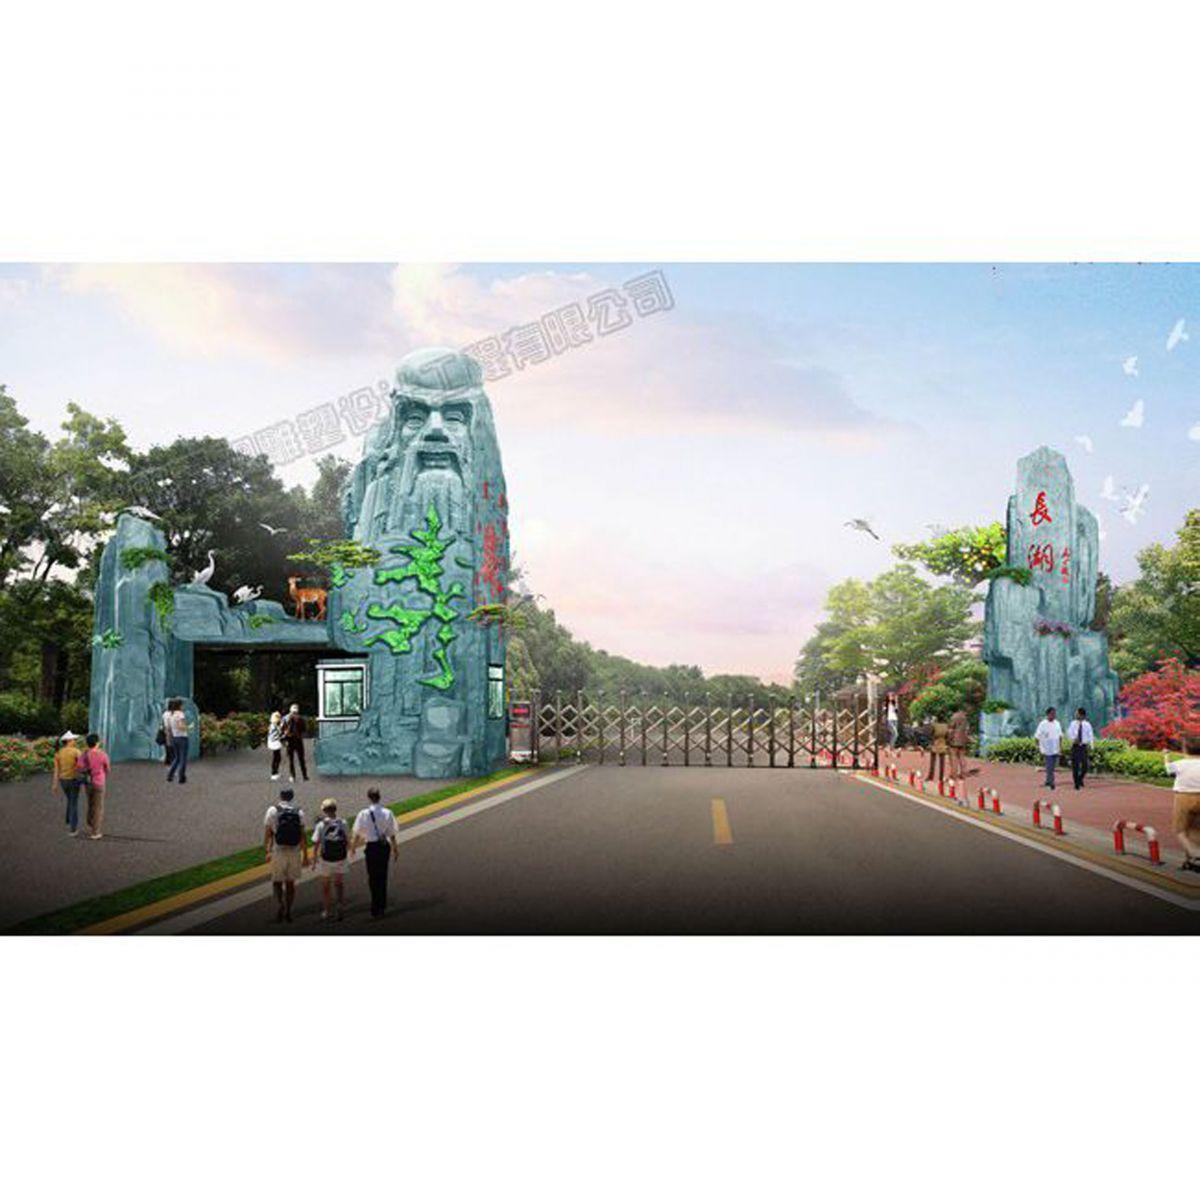 景区艺术大门/公园艺术大门设计/旅游景区大门设计